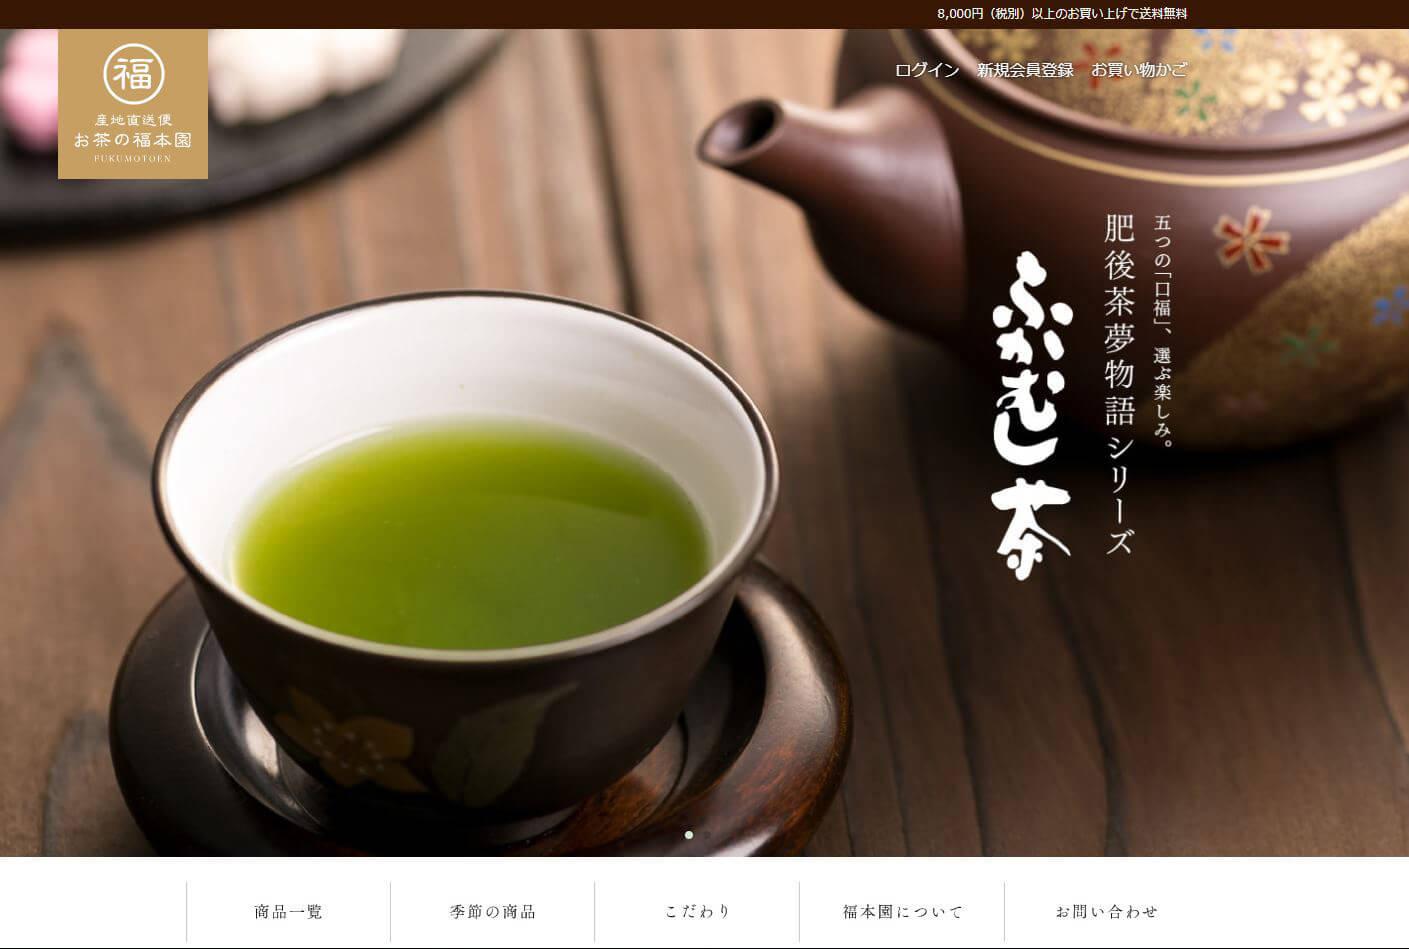 飲み すぎ 緑茶